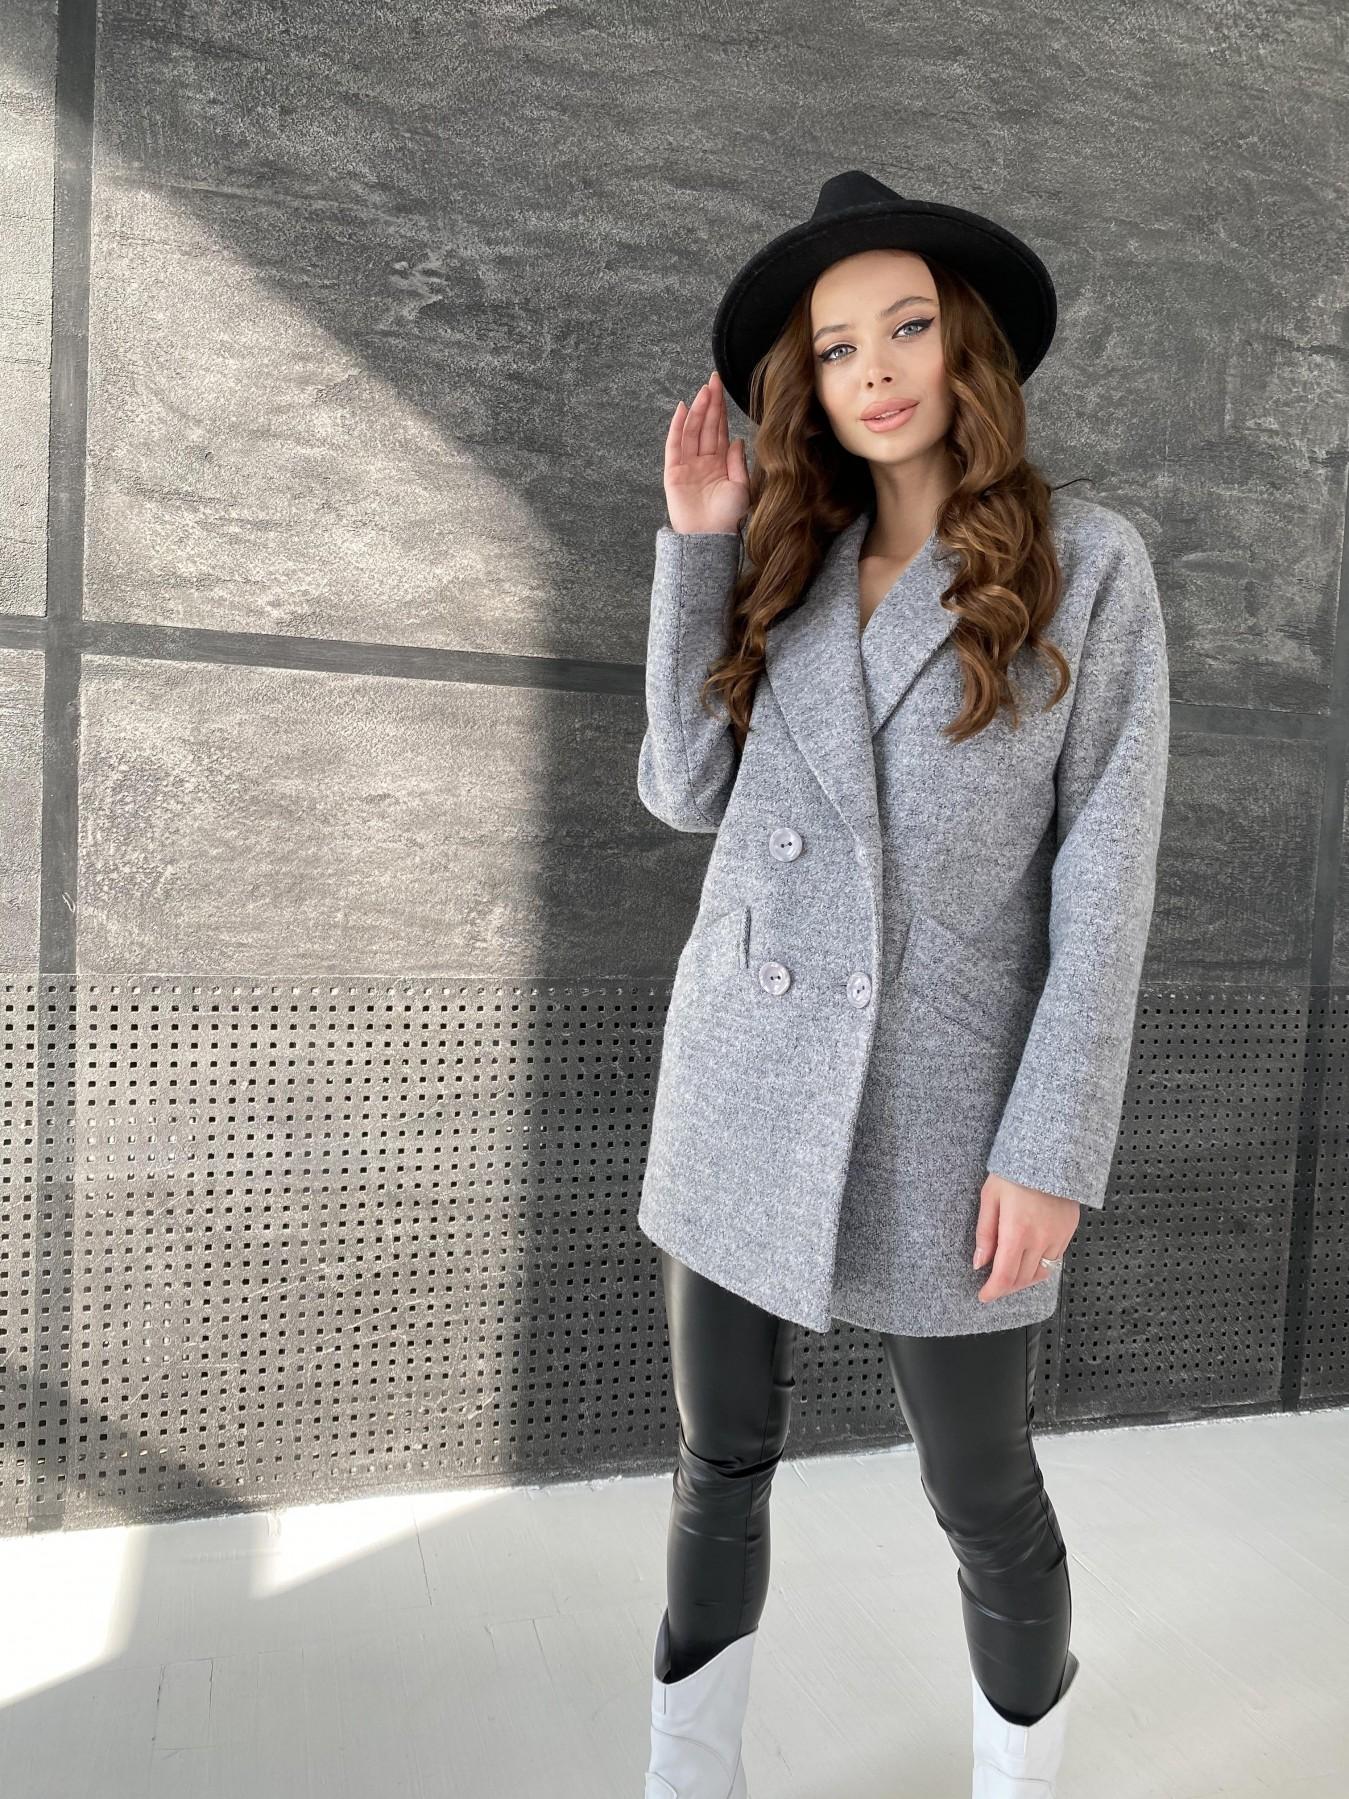 Бонд пальто из шерсти букле  10770 АРТ. 47198 Цвет: Серый 48 - фото 3, интернет магазин tm-modus.ru